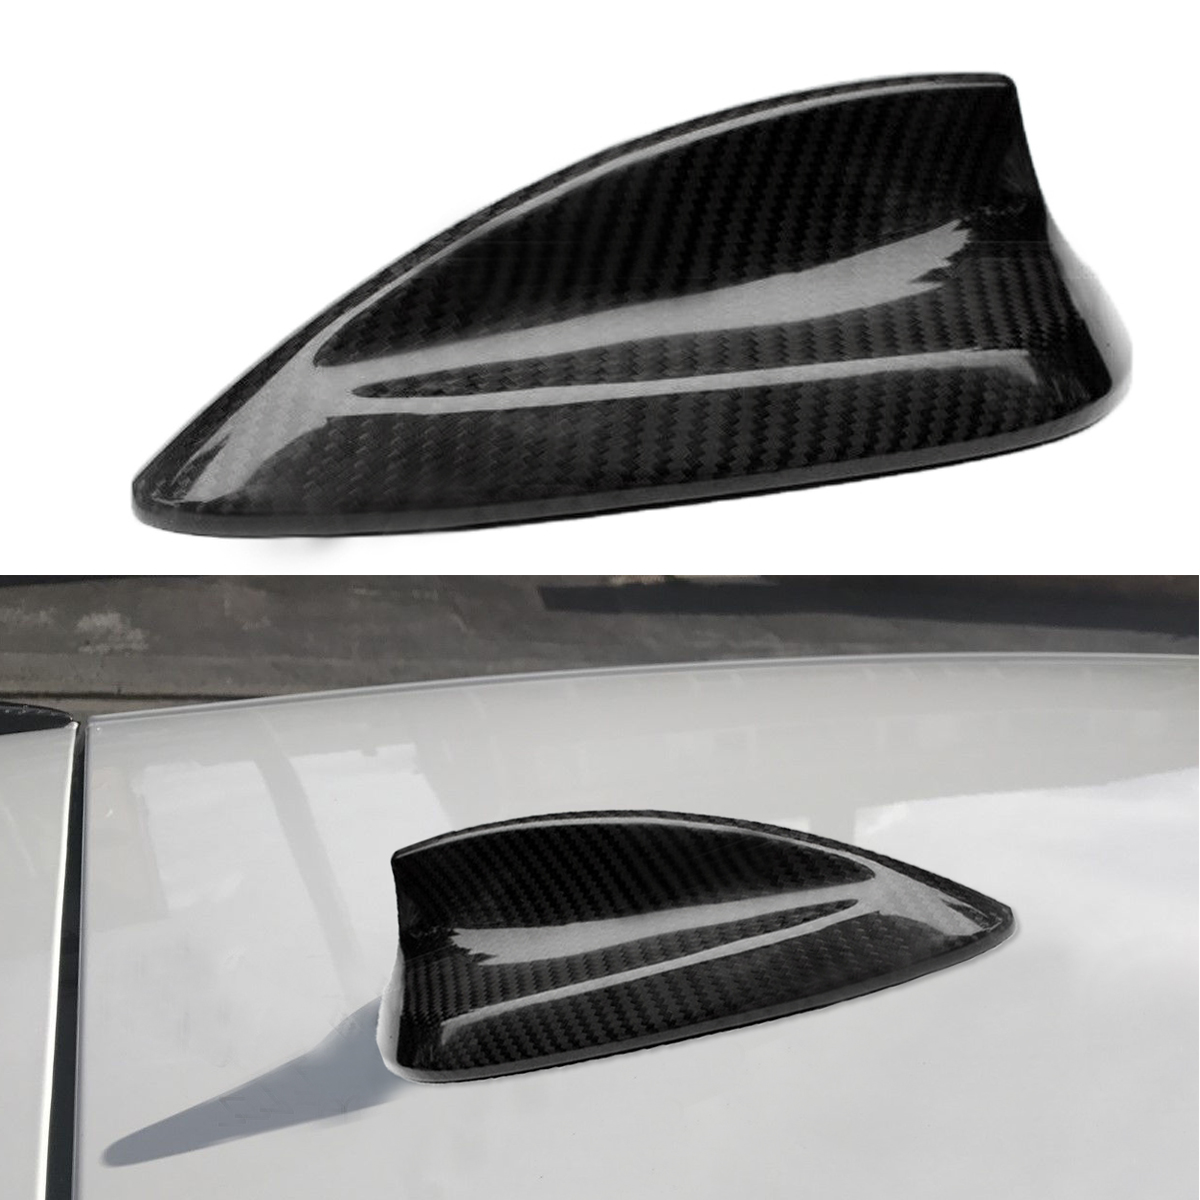 Universal Car Real Carbon Fiber Roof Shark Fin Aerial Antenna Sticker For BMW 1 2 3 4 Series F20 F22 F23 F30 F31 F32 F34 F35 F80